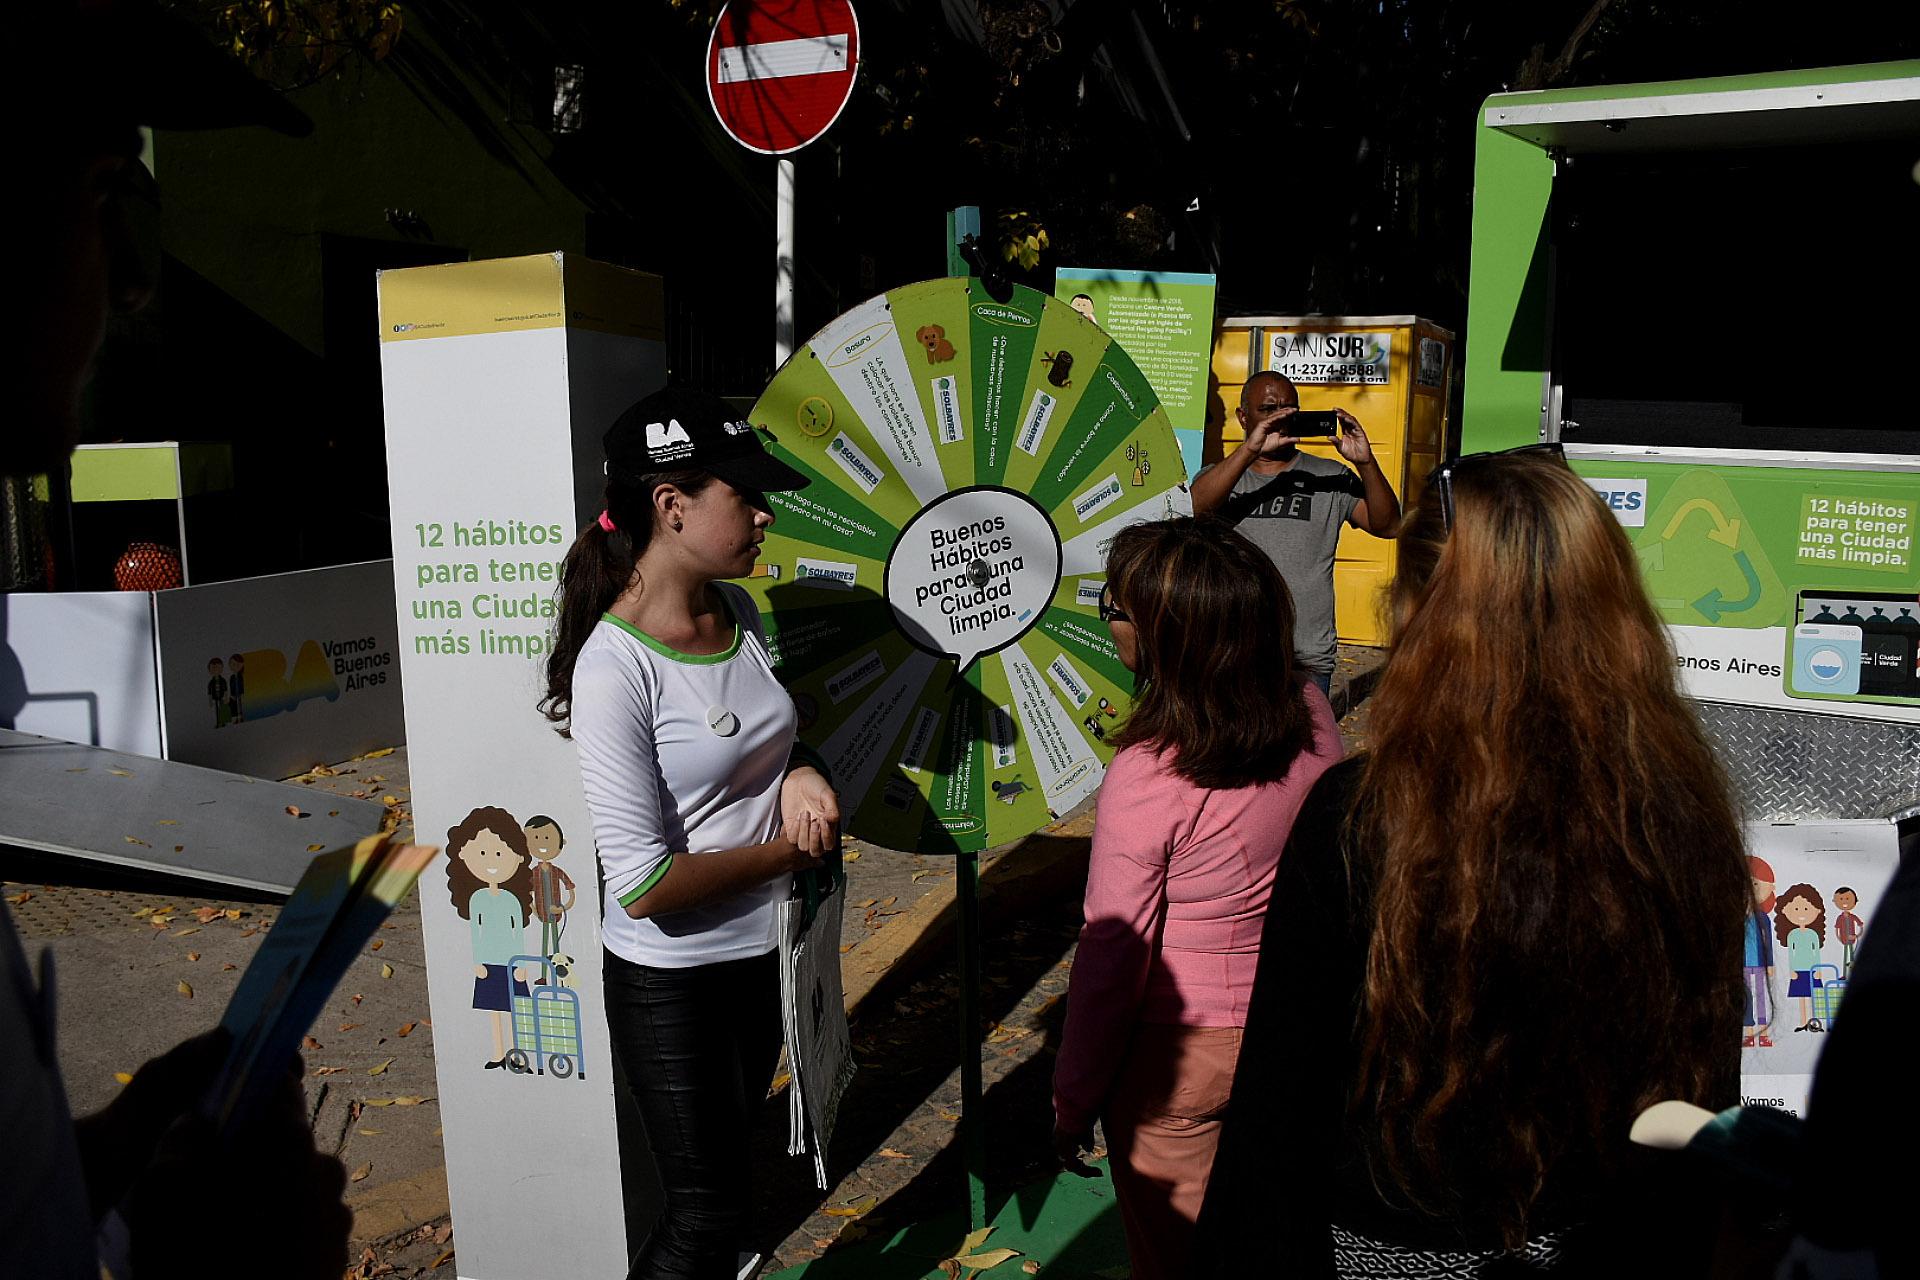 Cientos de vecinos se acercaron al barrio porteño de Chacarita para probar los sabores de los food trucks de Leer y Comer y también participar del stand de buenos hábitos de una Ciudad limpia. Ah{i podías ganar premios